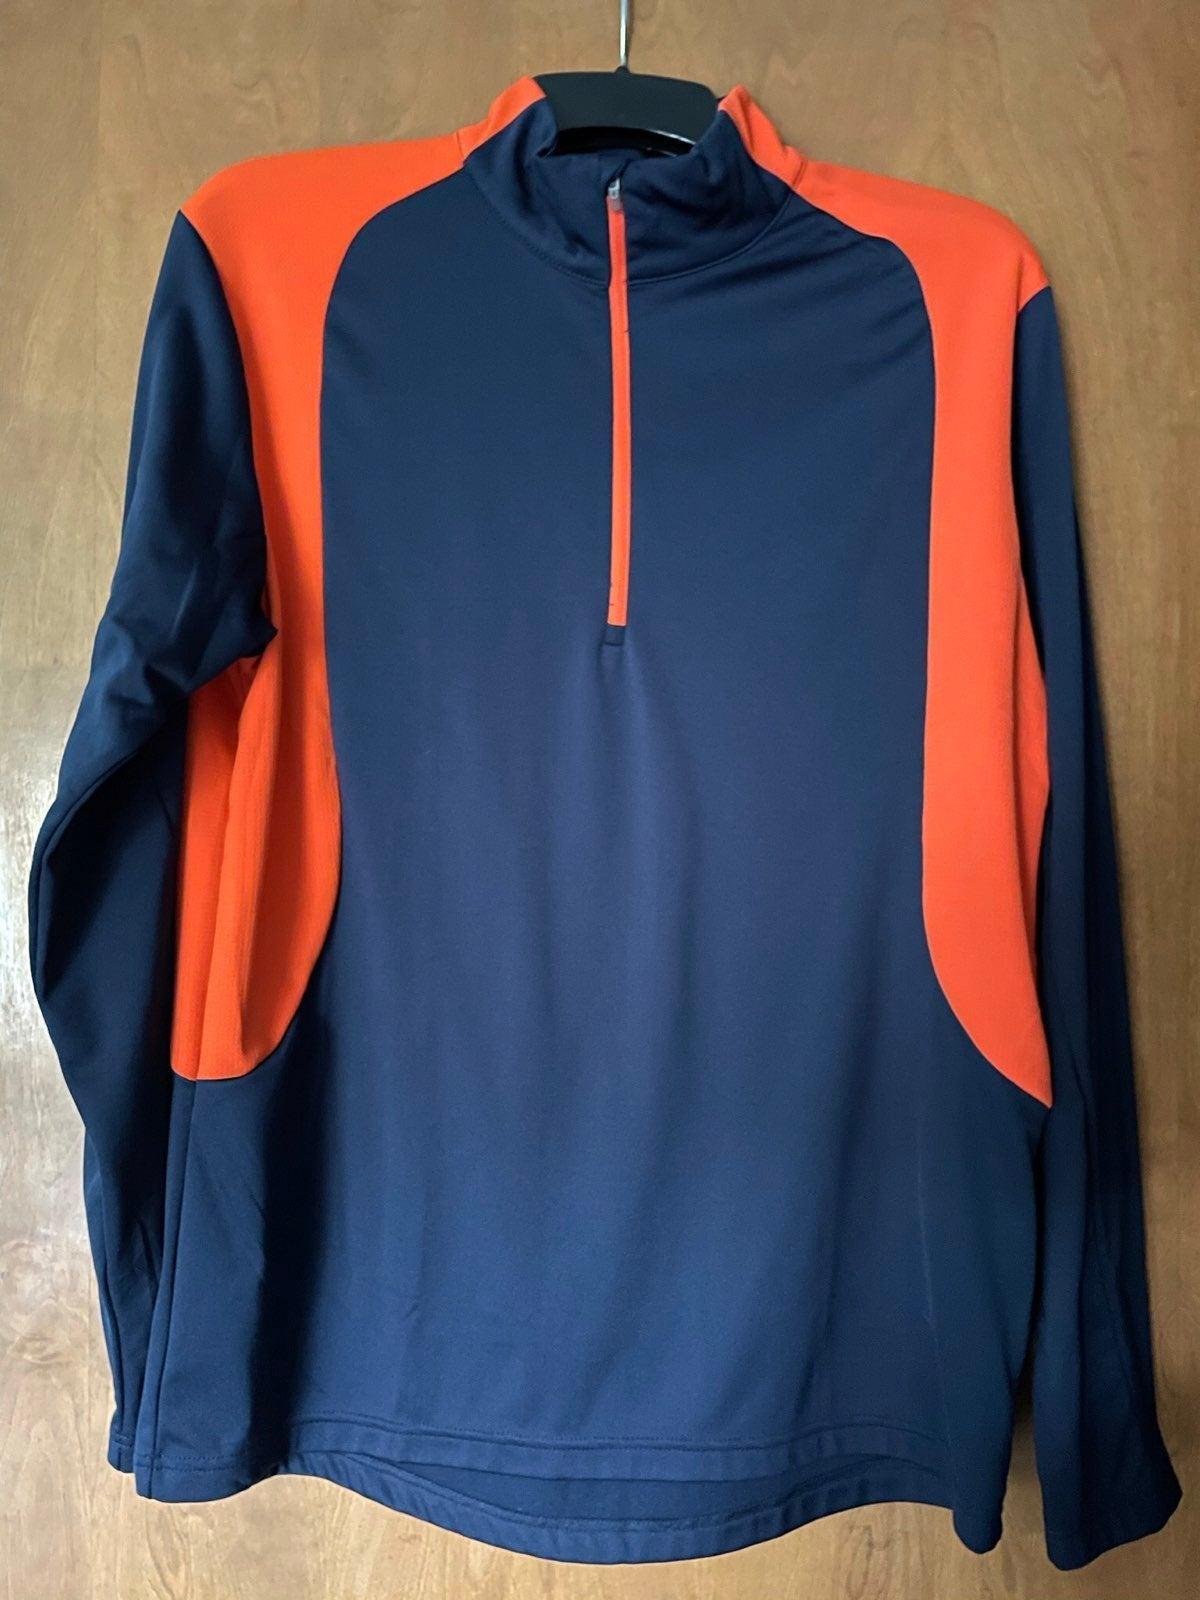 Men's 3/4 Zip Pullover Sz L